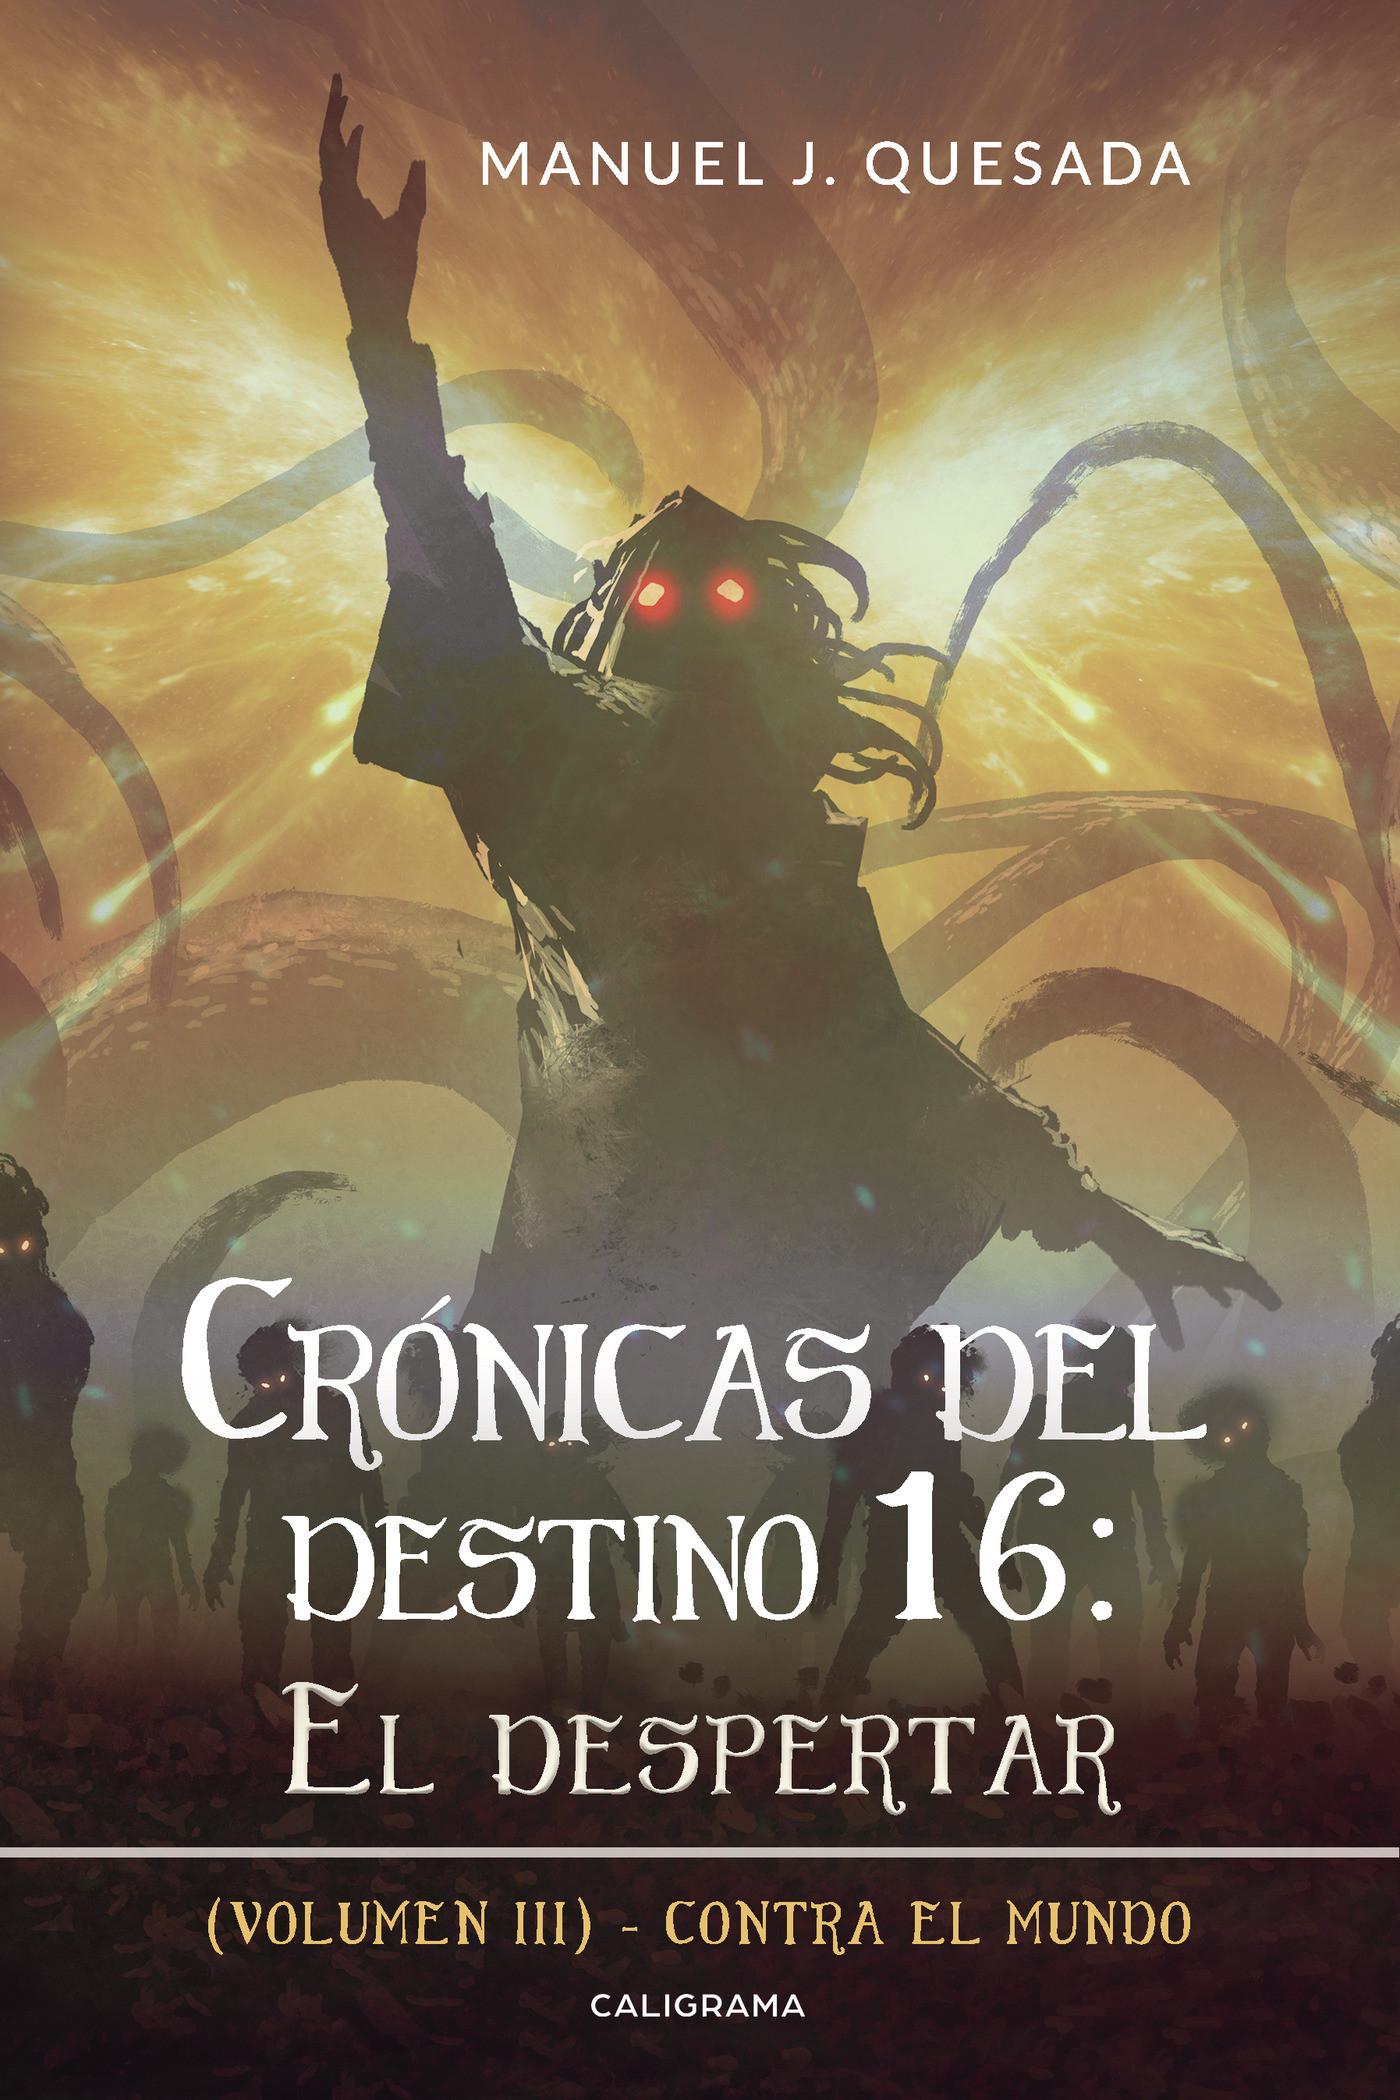 Crónicas del destino 16: El despertar (Volumen III)